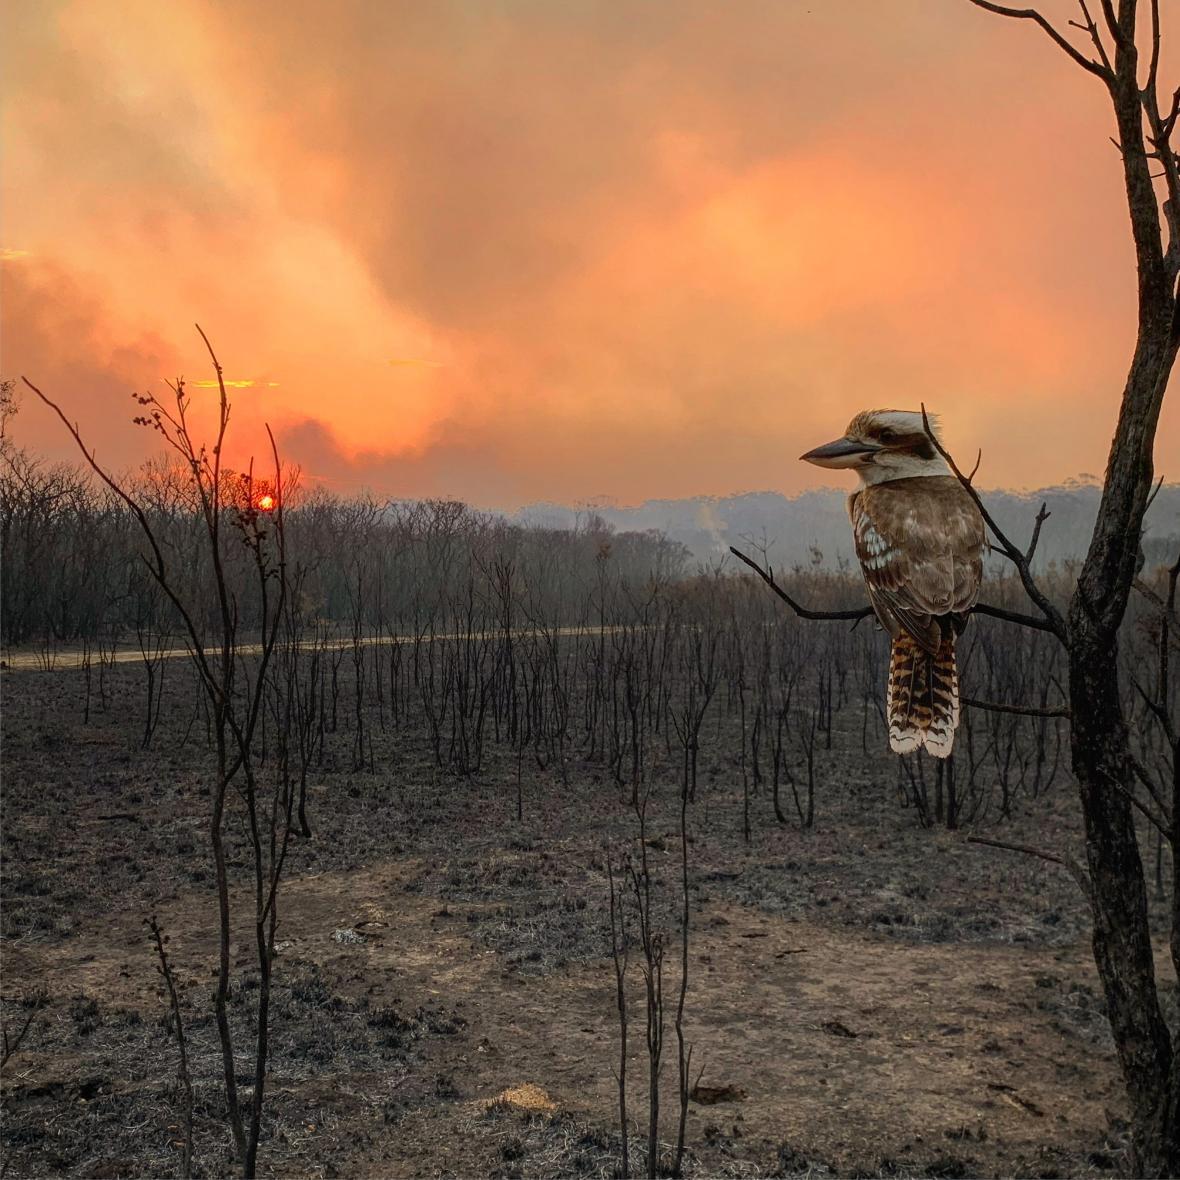 Μια κουκαμπούρα, ένα από τα πιο εντυπωσιακά πουλιά του πλανήτη, κοντά στο σπίτι του φωτογράφου στο Γουαλάμπι Πόιντ στη Νέα Νότια Ουαλία της Αυστραλίας όταν η καταστροφική φωτιά έπληξε την περιοχή